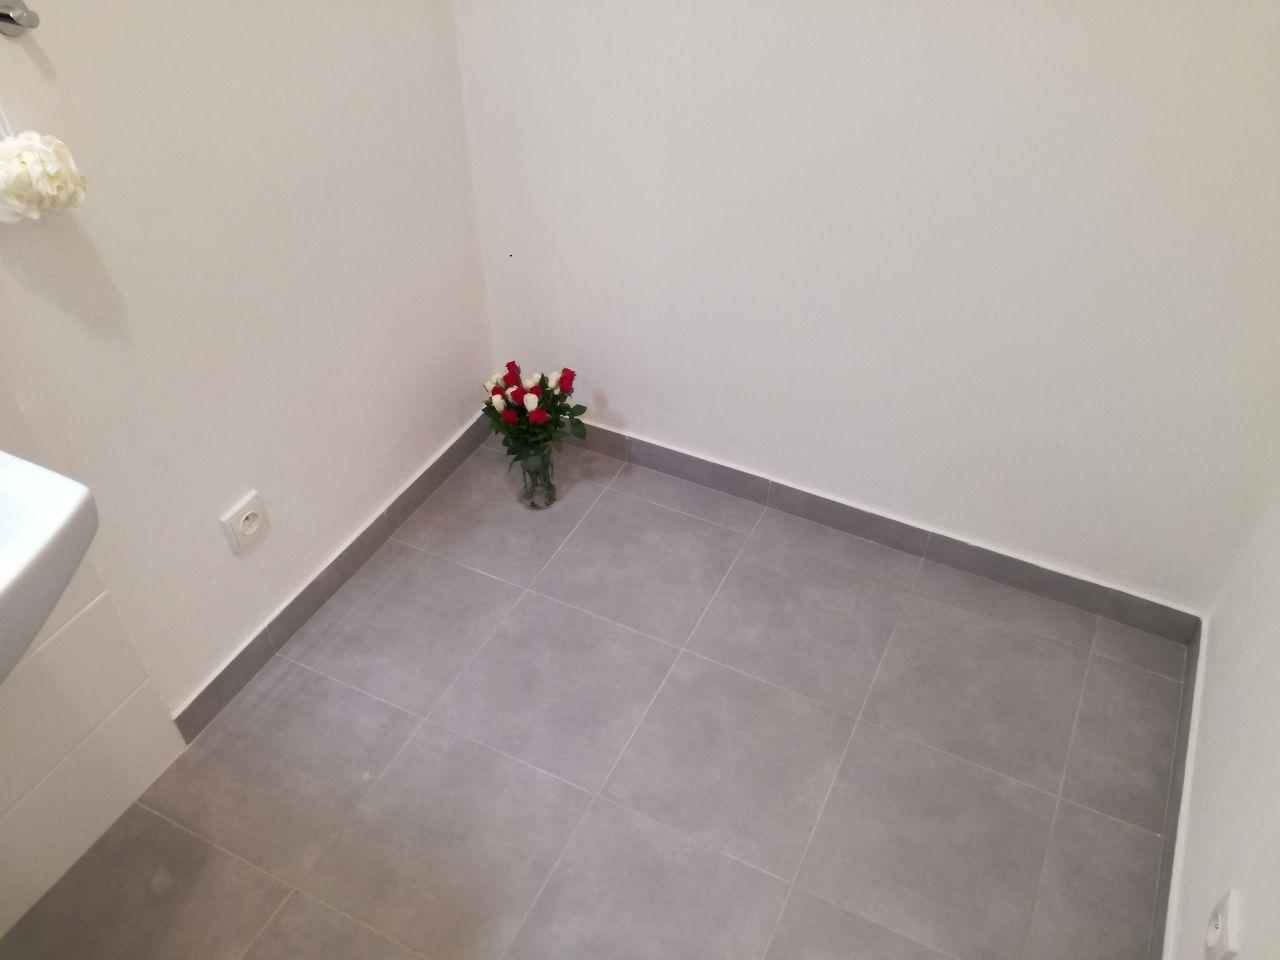 Pronájem bytu 2+1 60 m2, ul. Lechowiczova 2853/27, Moravská Ostrava